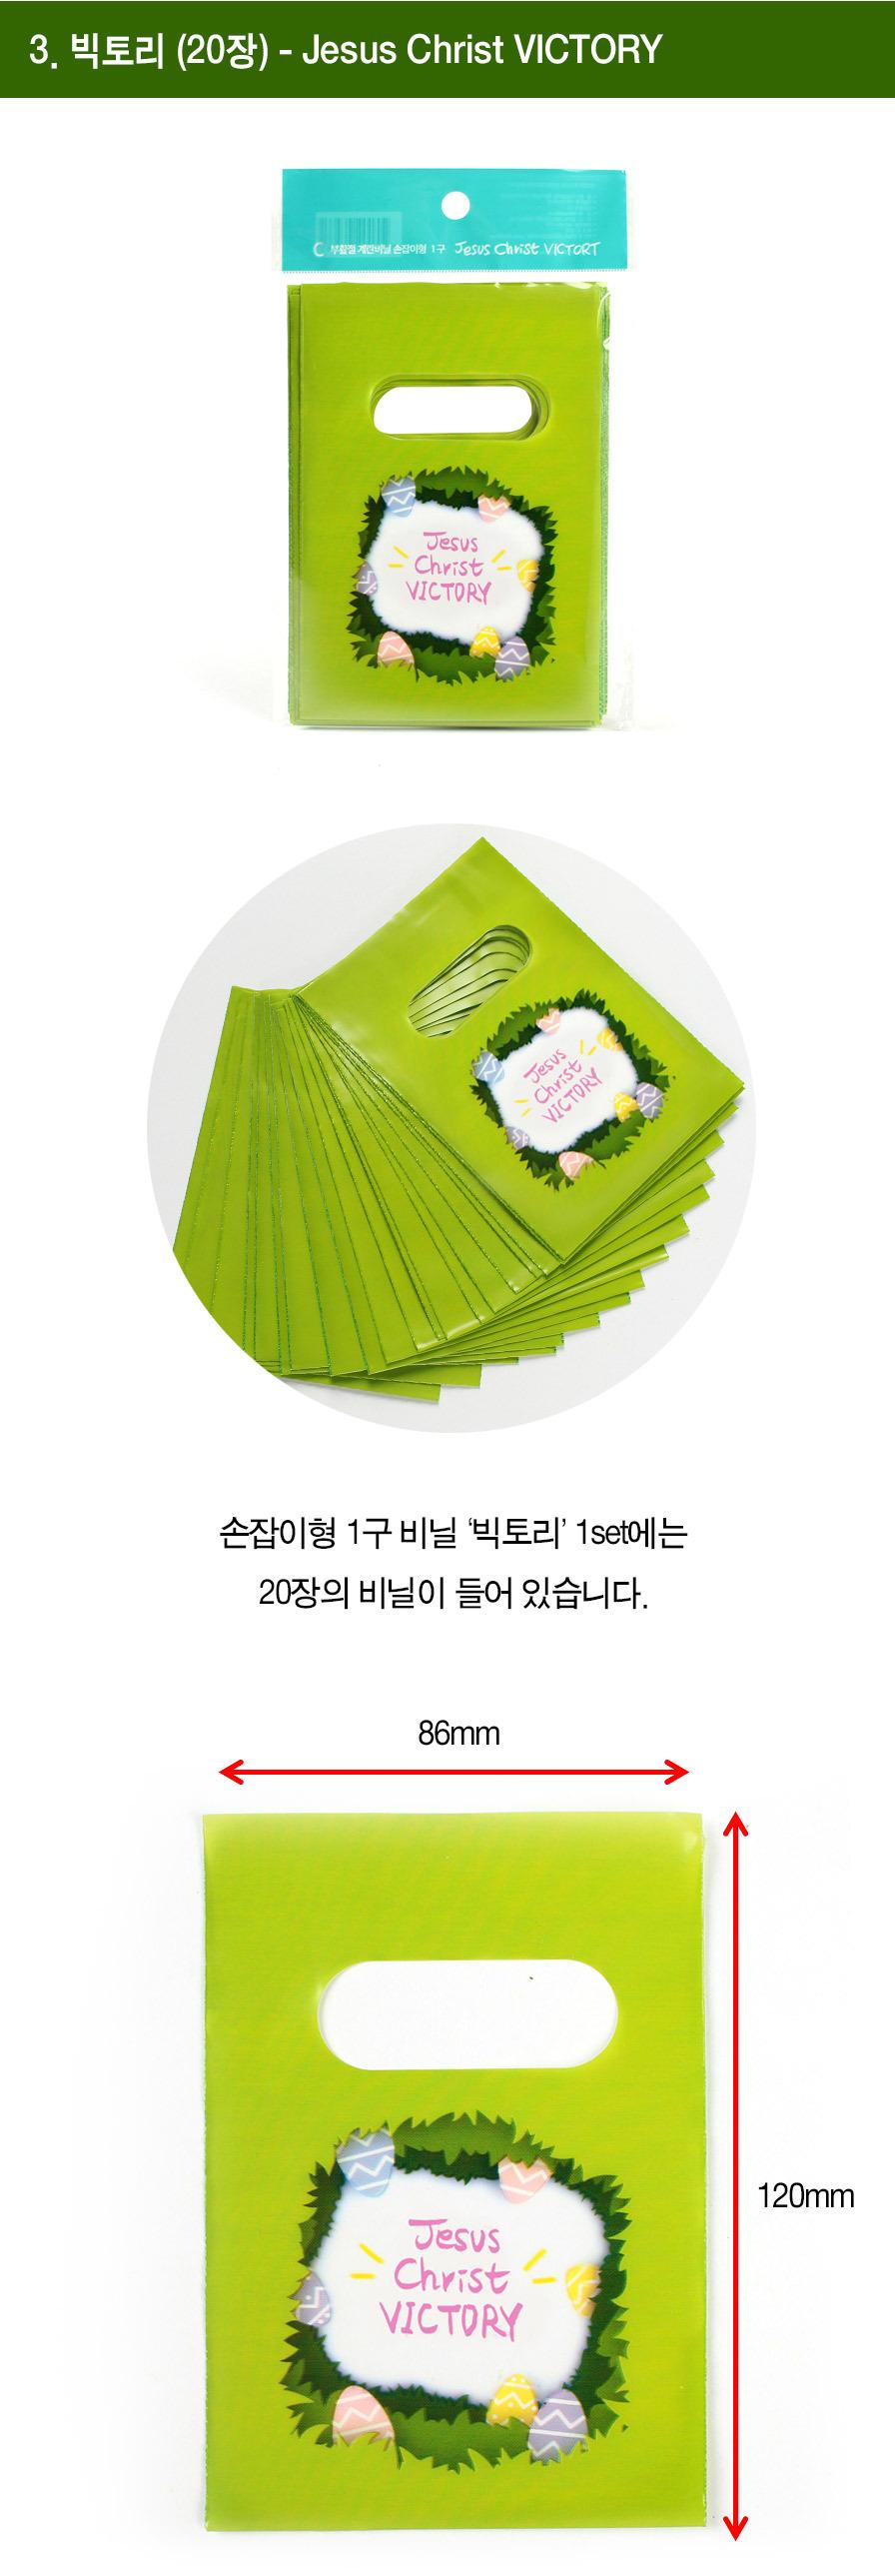 부활절 교회선물 포장재 1구 손잡이비닐 4종 - 3.빅토리 상세보기